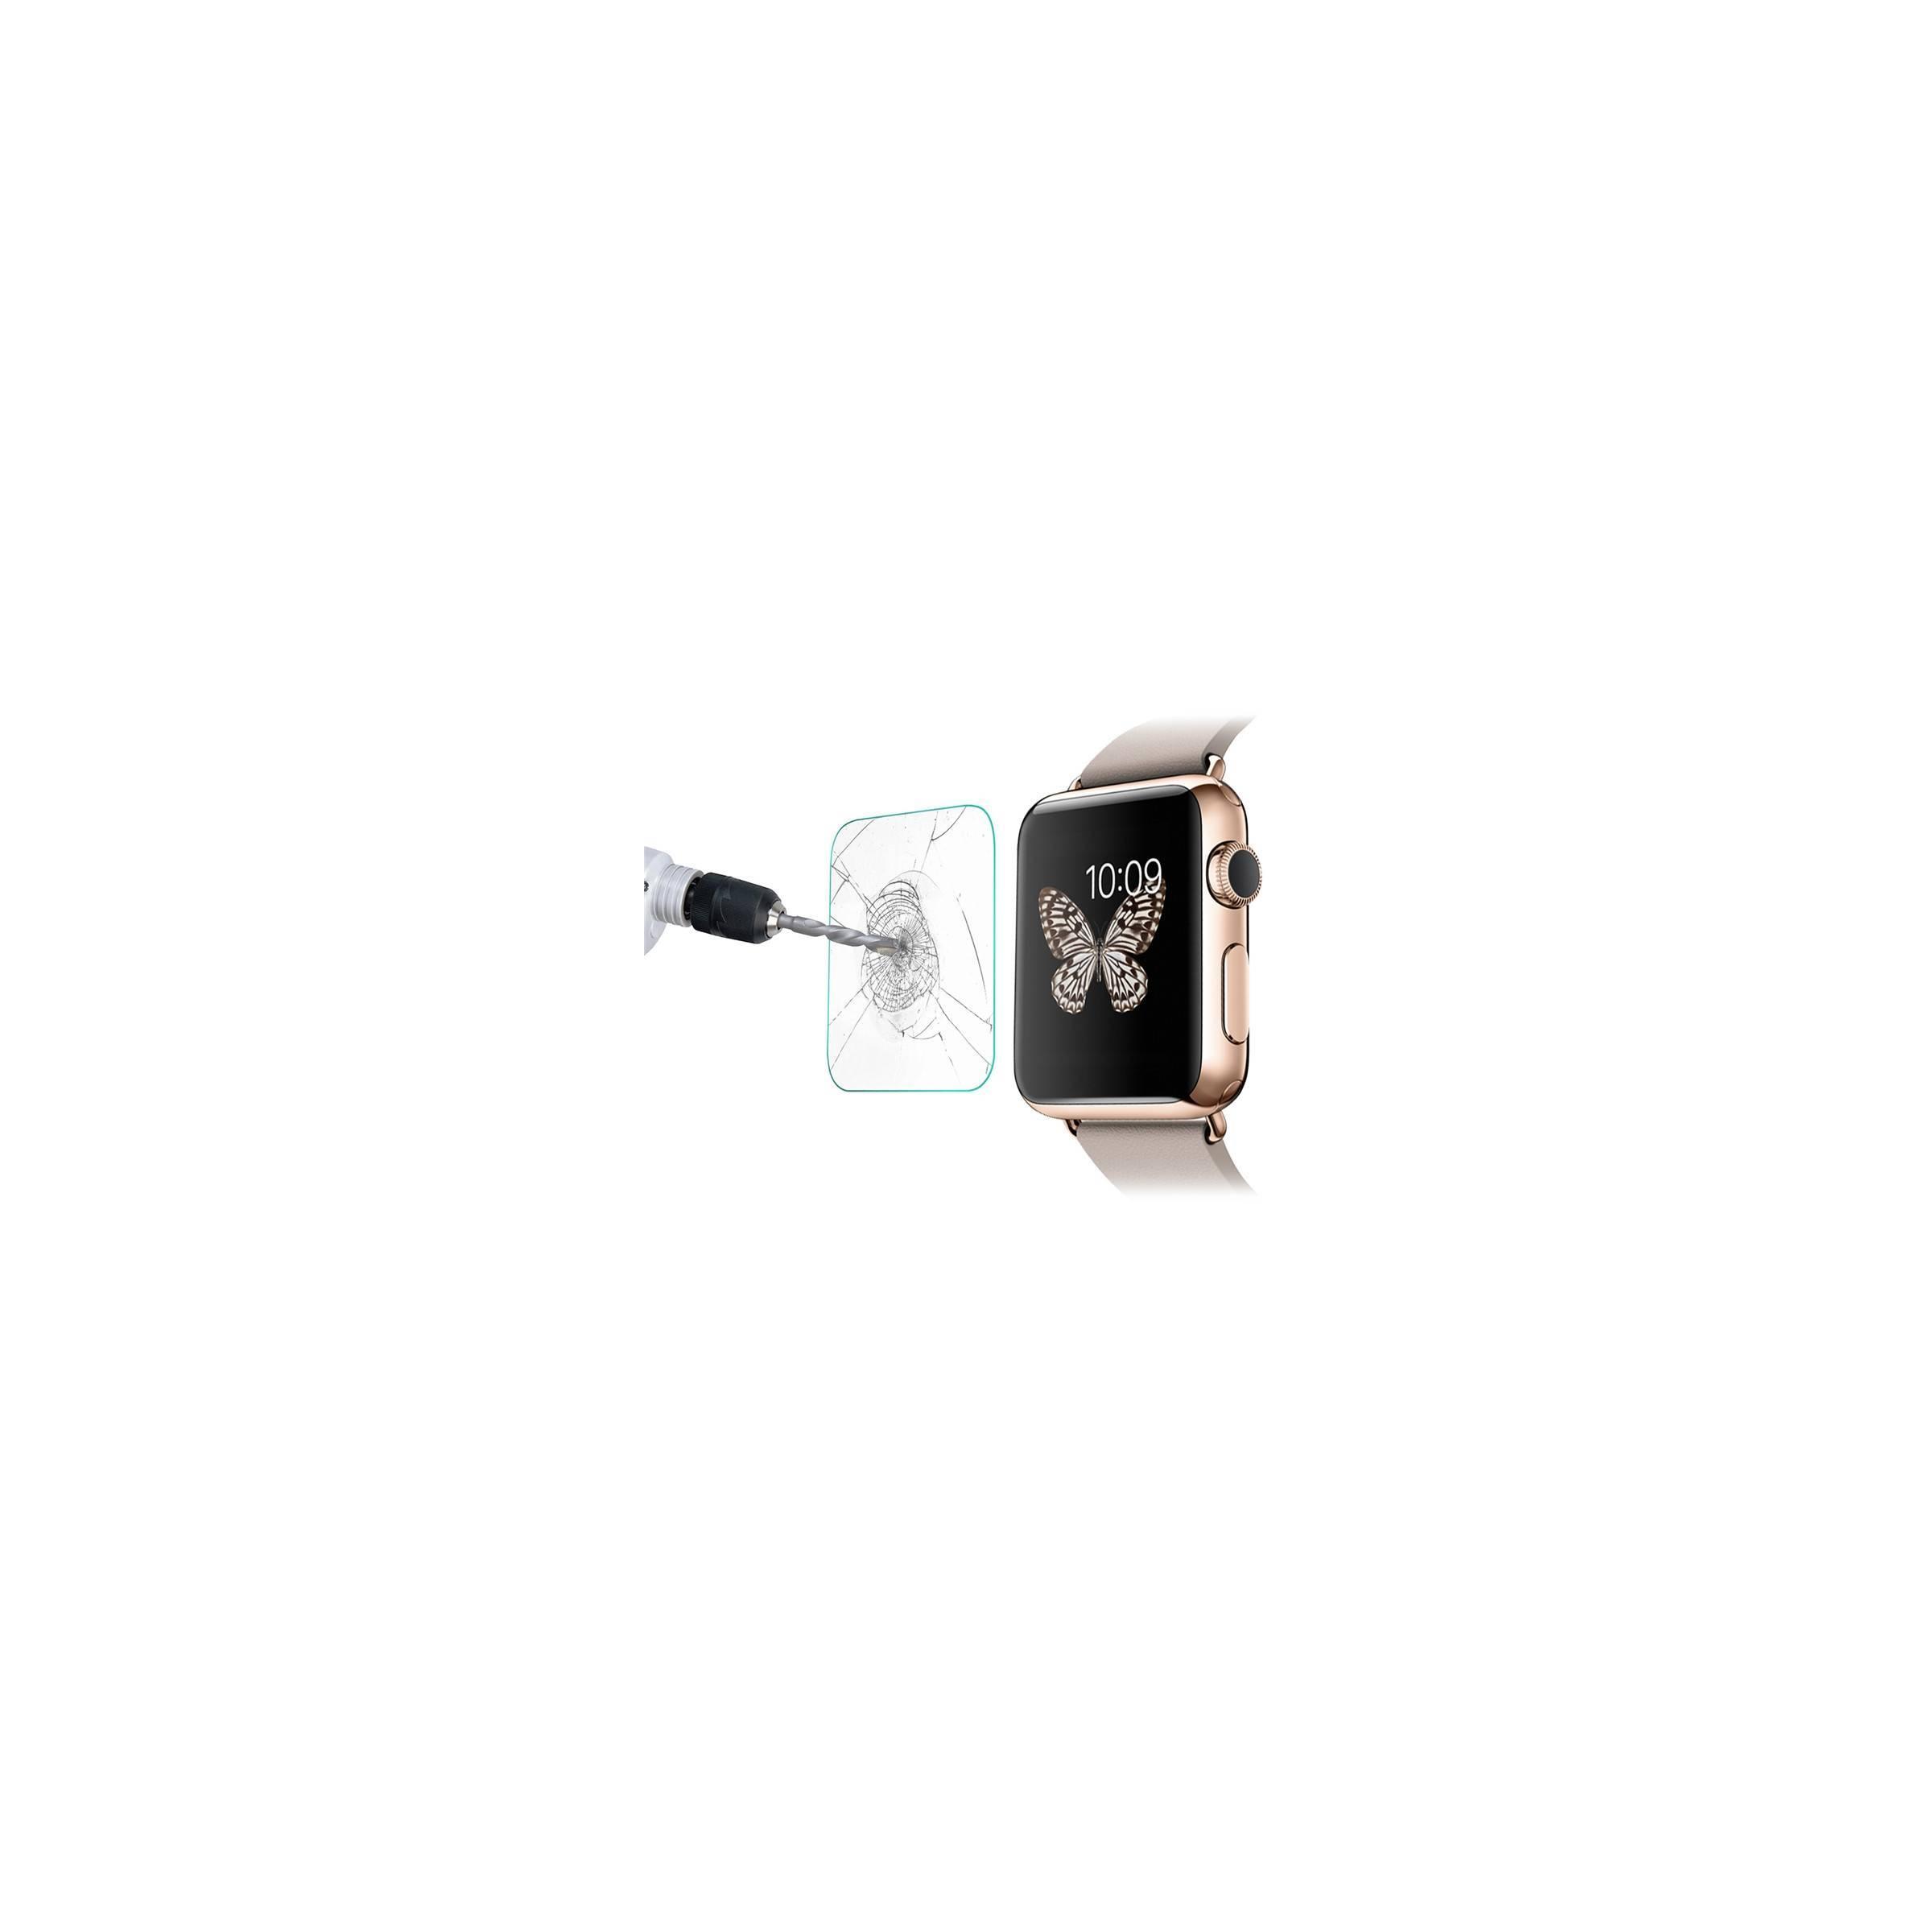 kina oem Beskyttelsesglas til apple watch 42mm på mackabler.dk